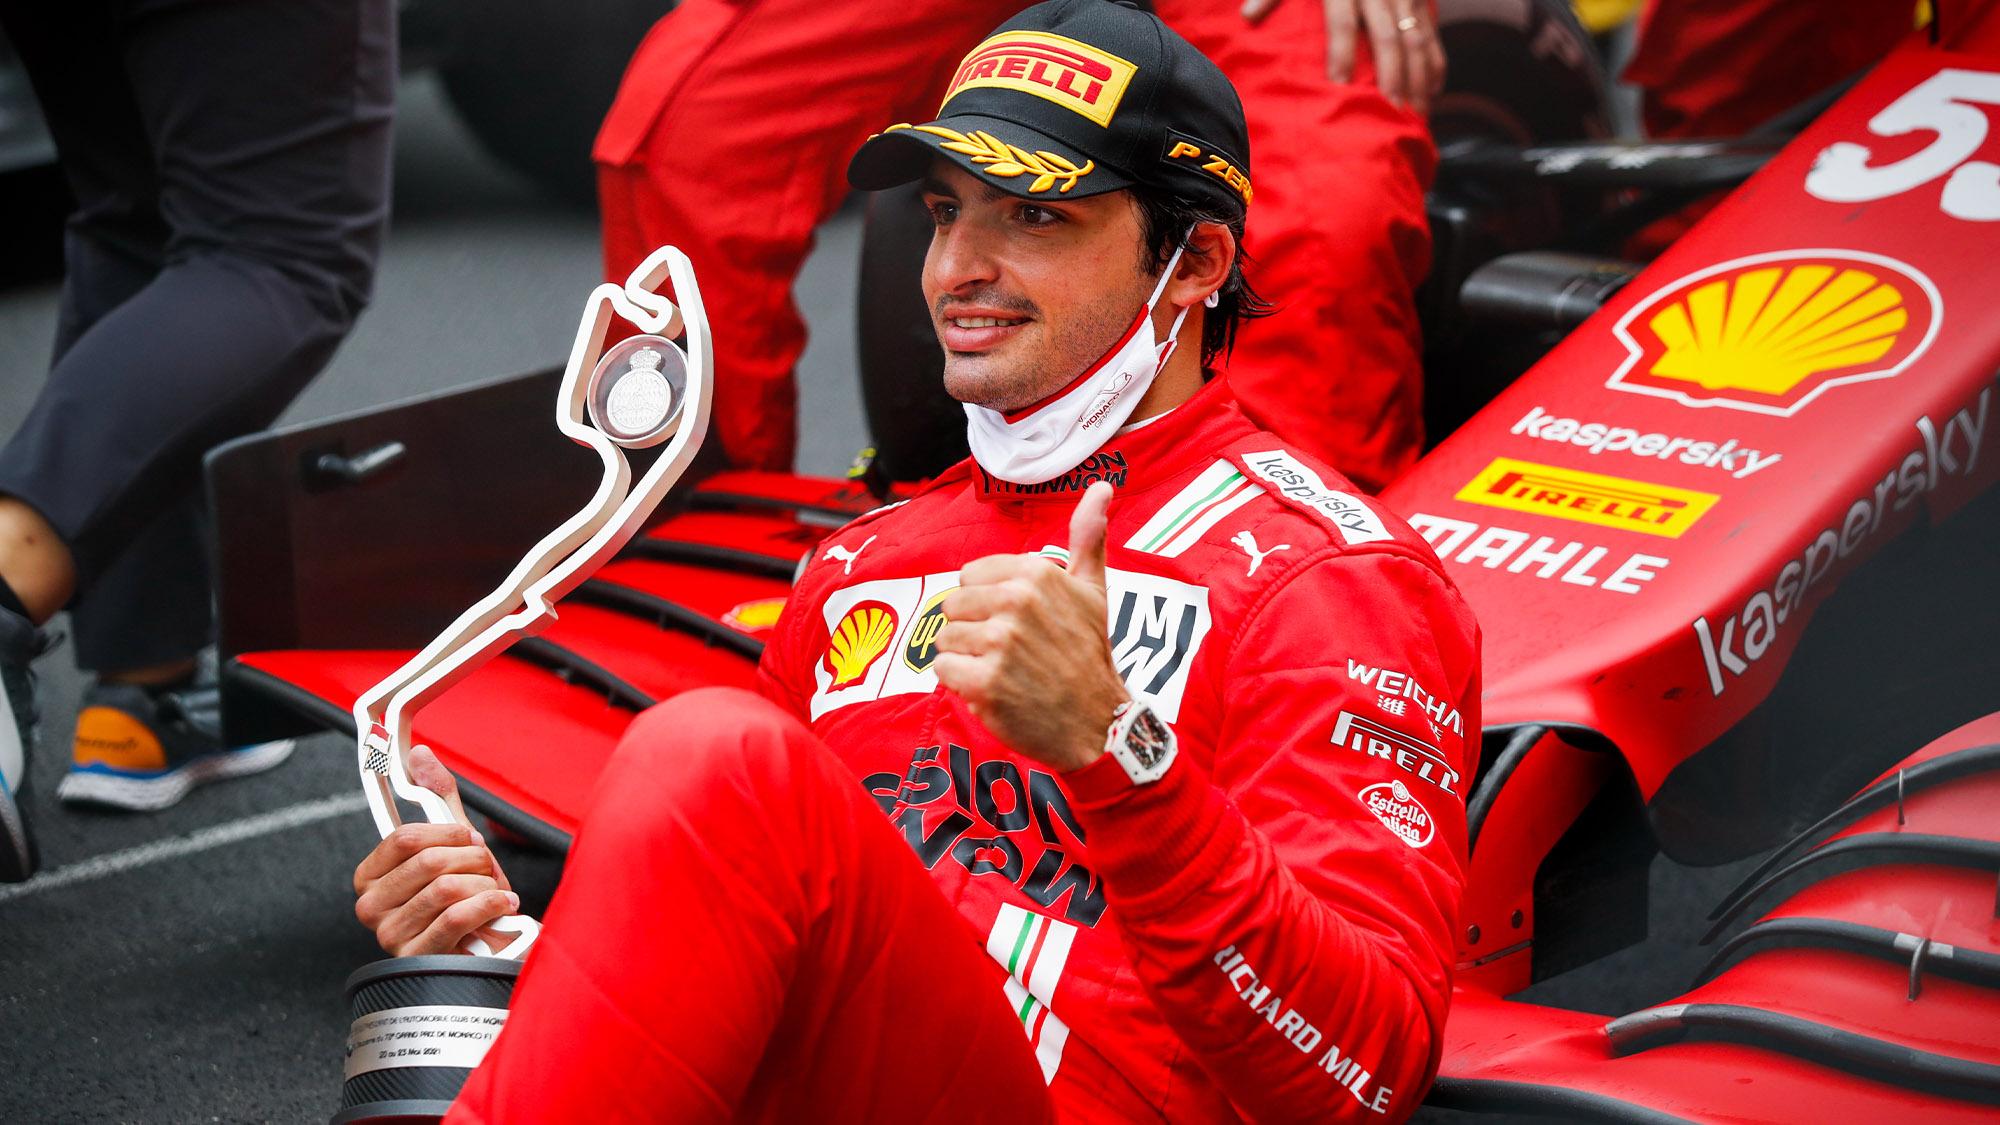 Carlos Sainz celebrates his second place at the 2021 Monaco Grand Prix